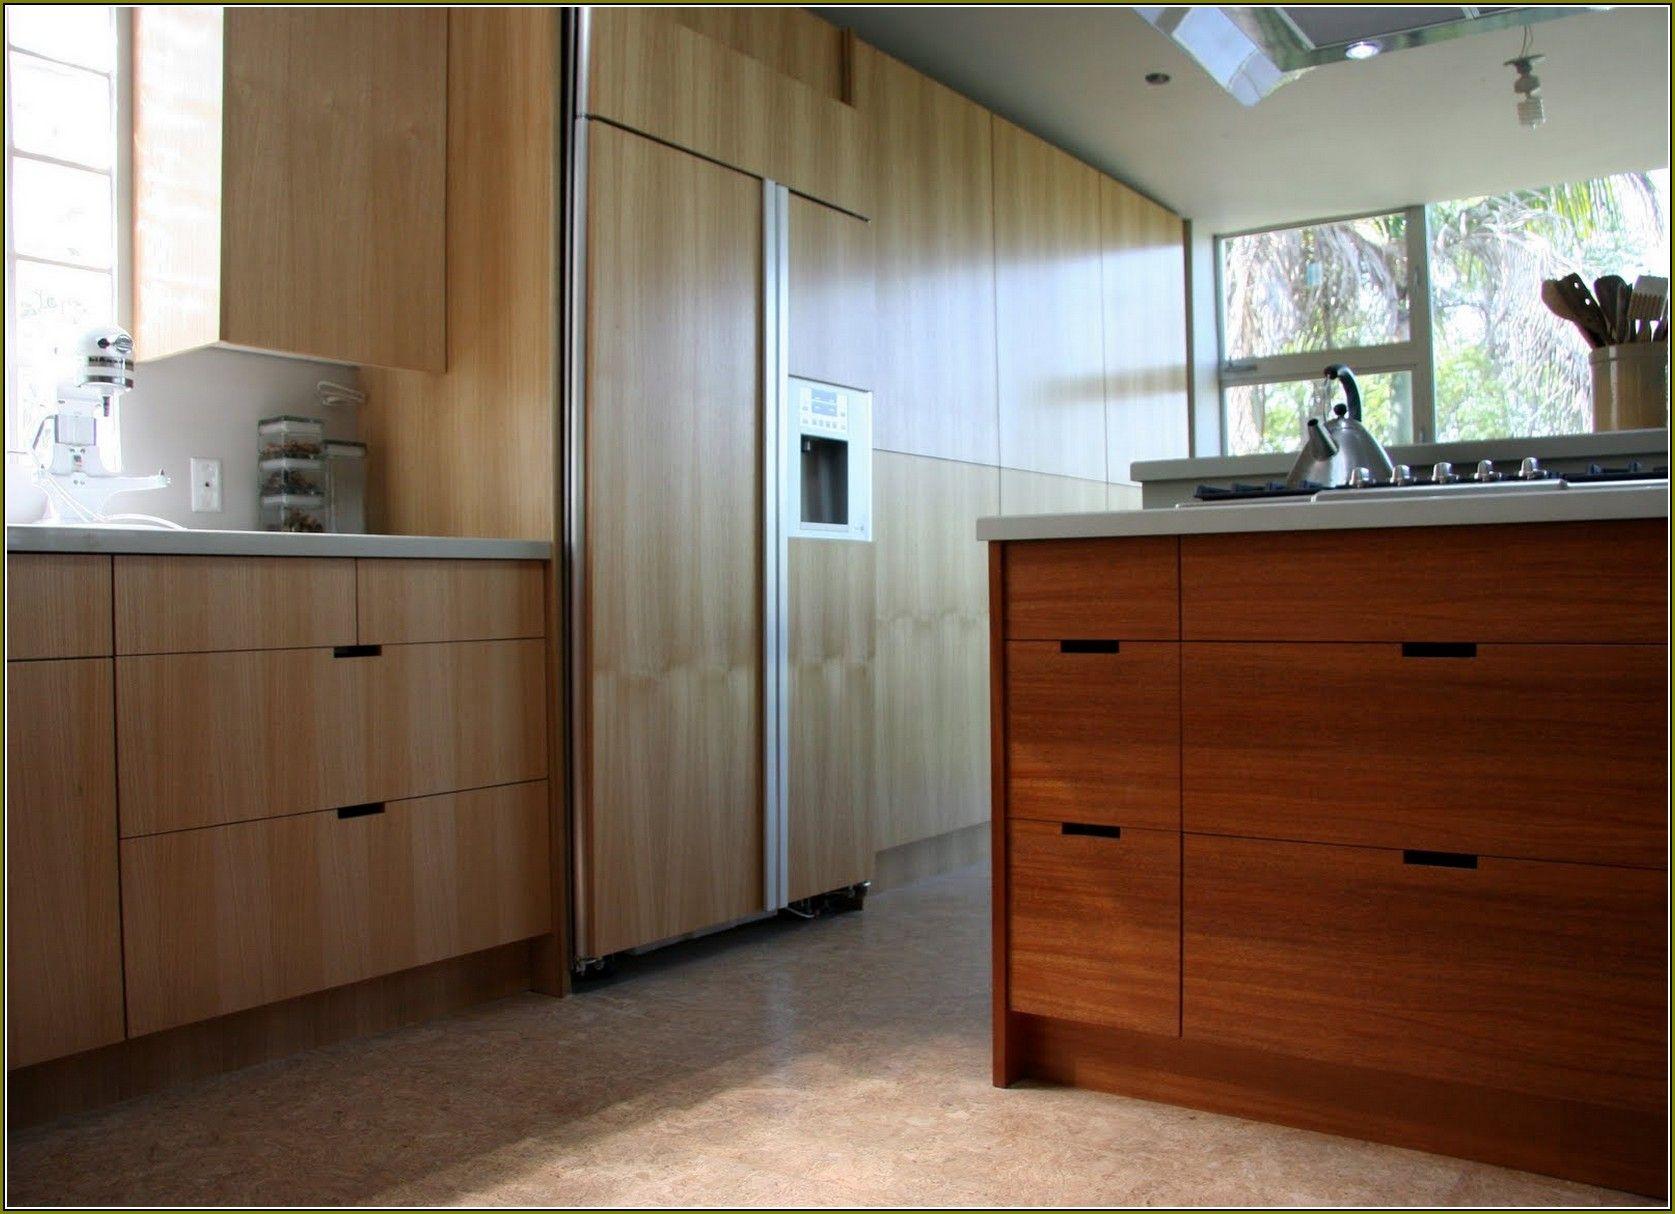 Küchenschränke um kühlschrank Änderung küche kabinett türen  bleiben hölzerne küche tisch und